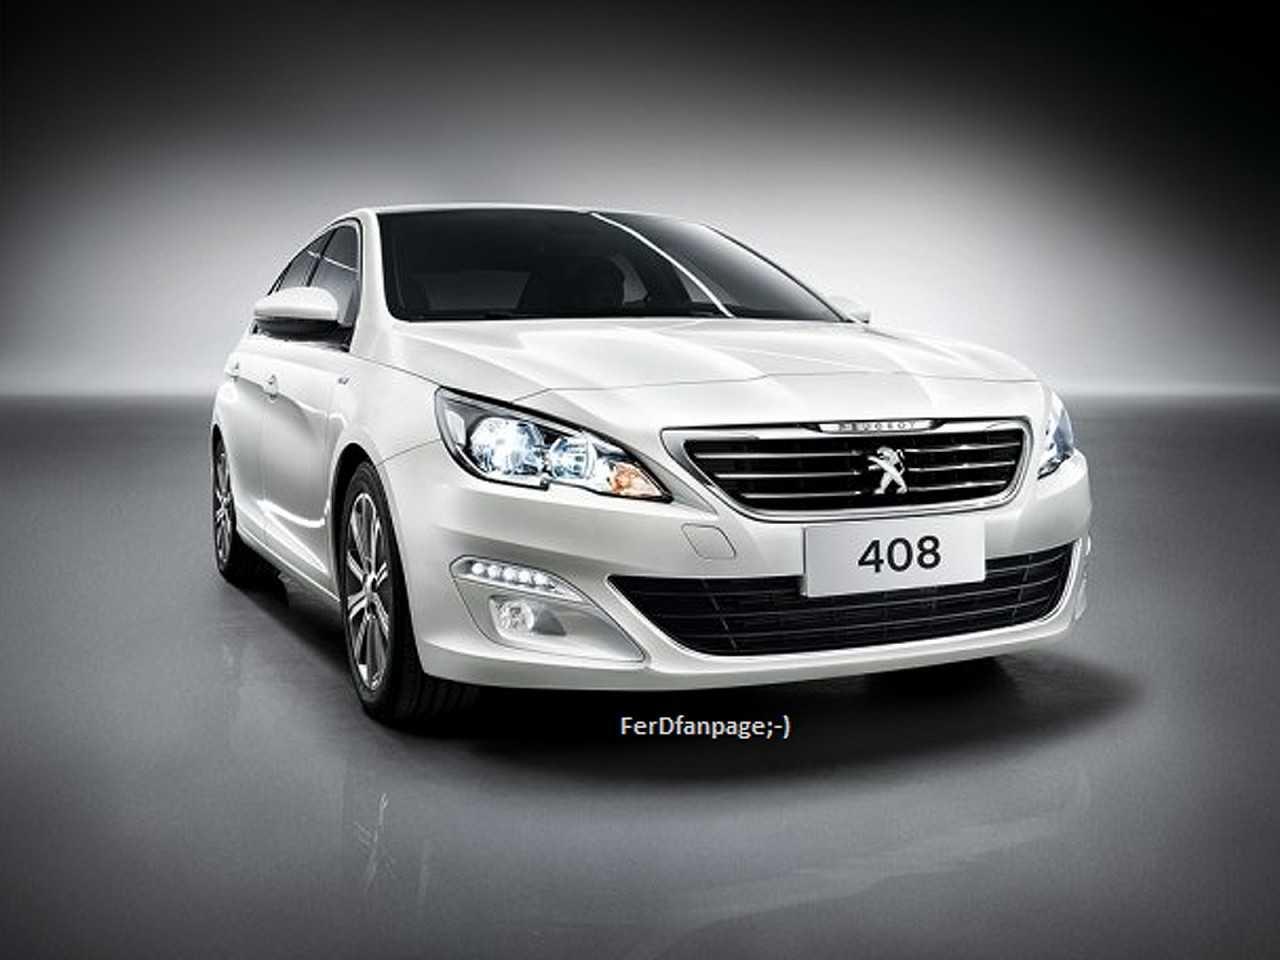 Provável atualização do Peugeot 408 chinês que vazou na internet